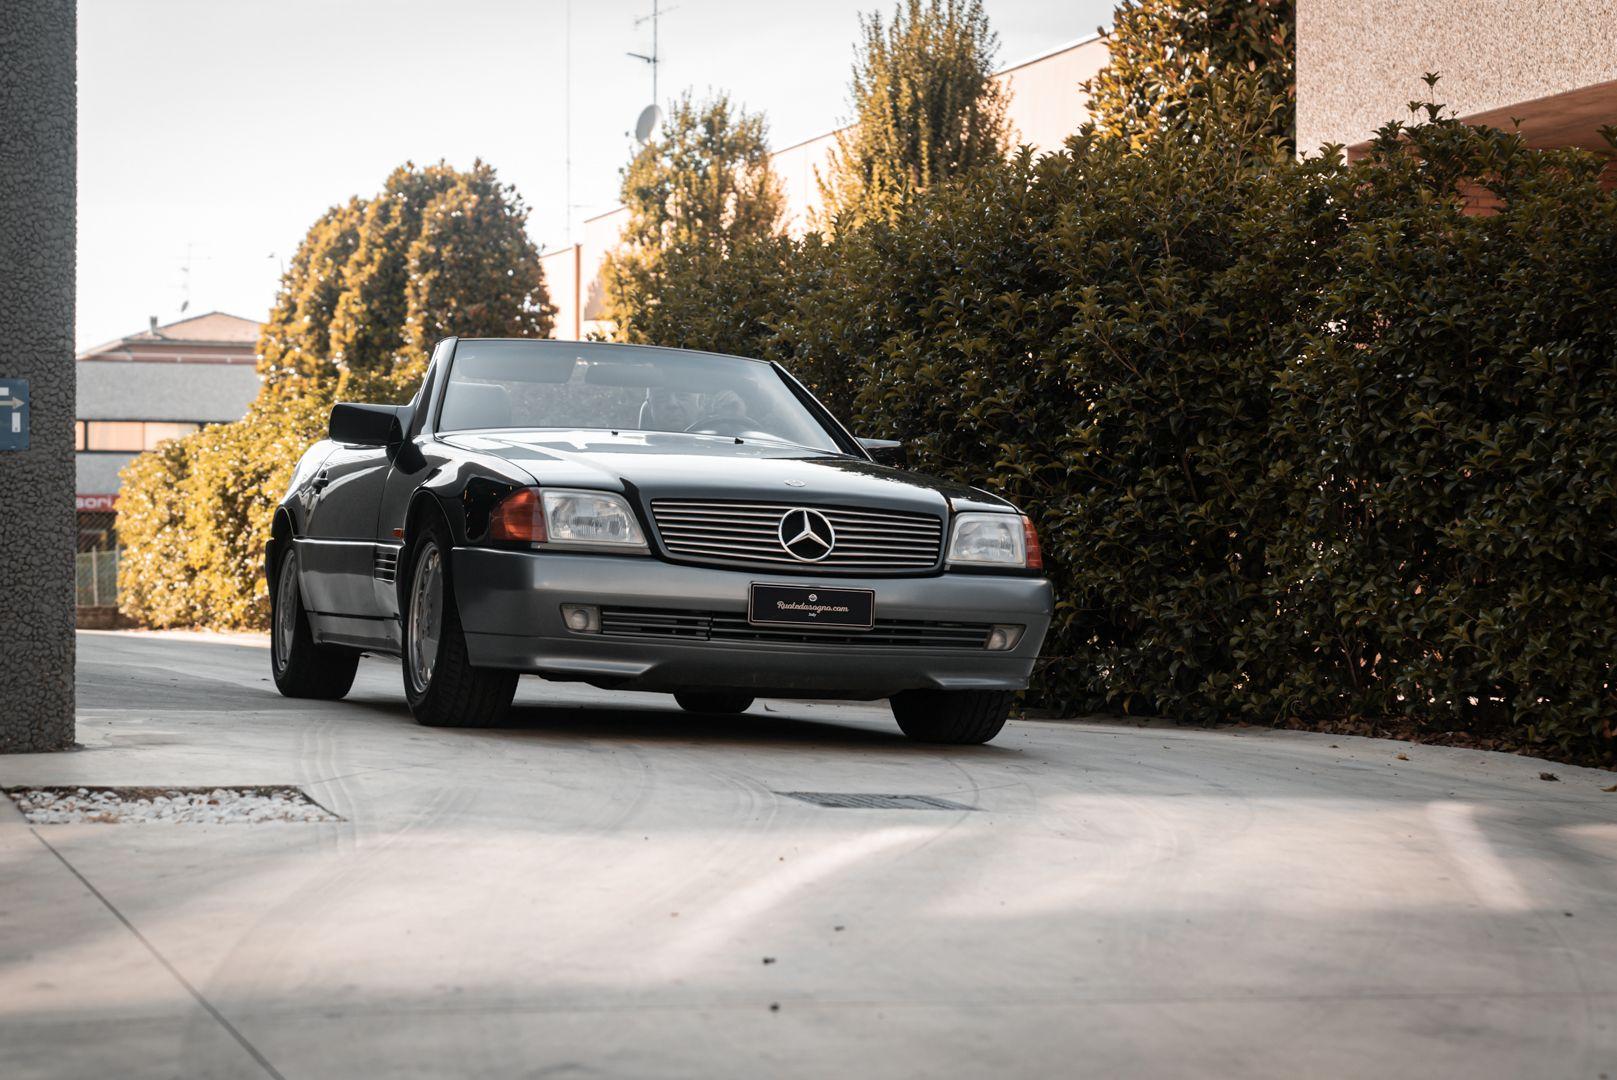 1992 Mercedes Benz 300 SL 24 V 80602